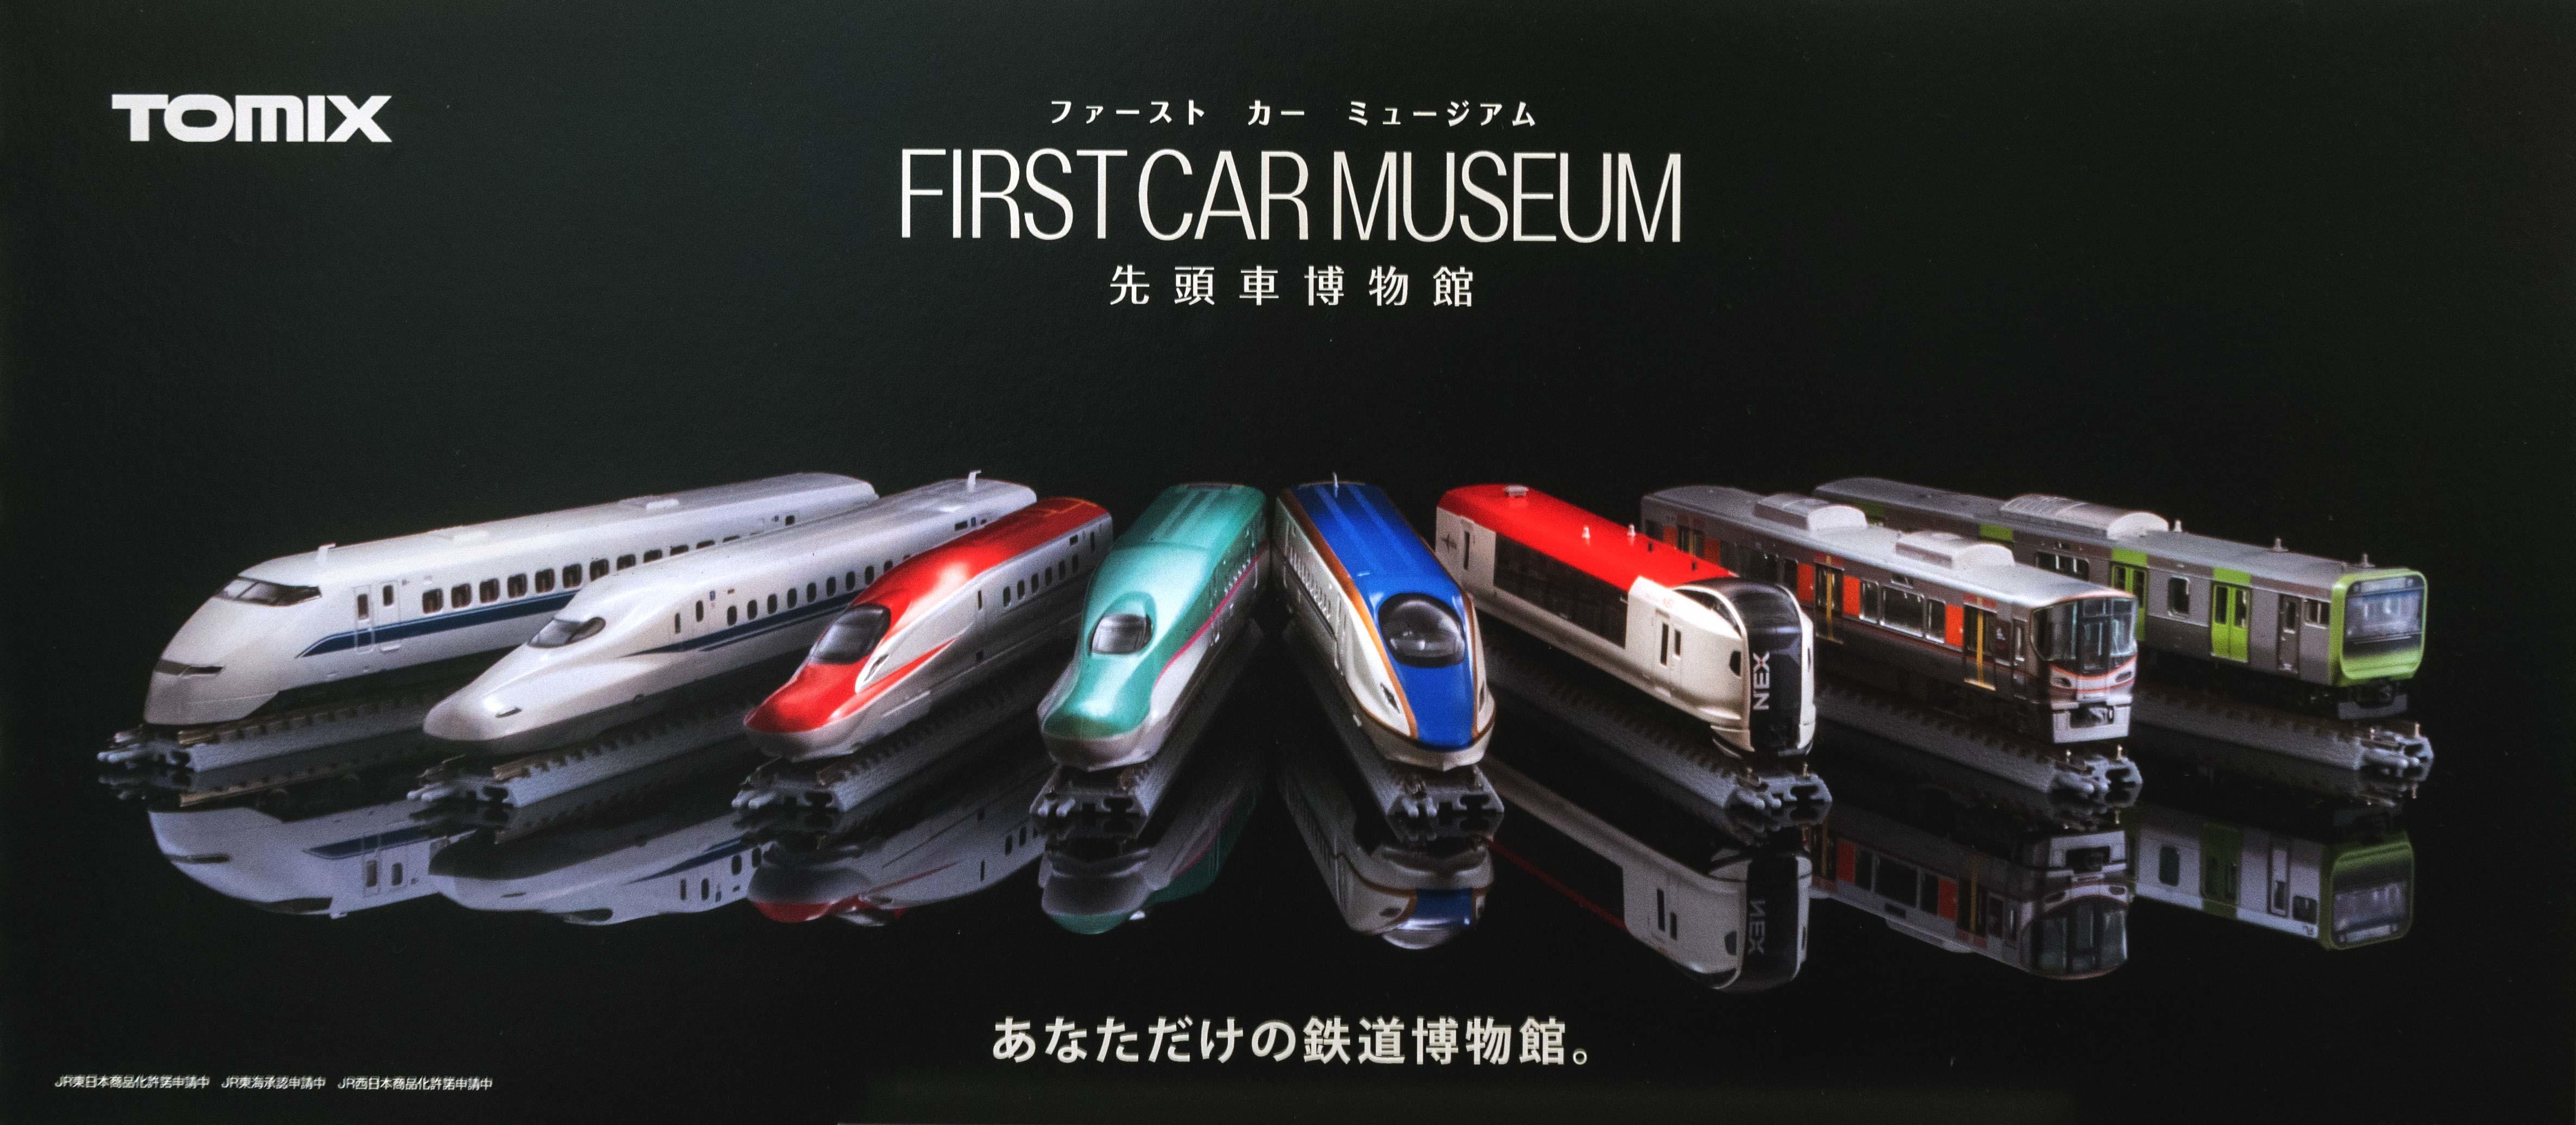 トミーテック「FIRST CAR MUSEUM」を発表